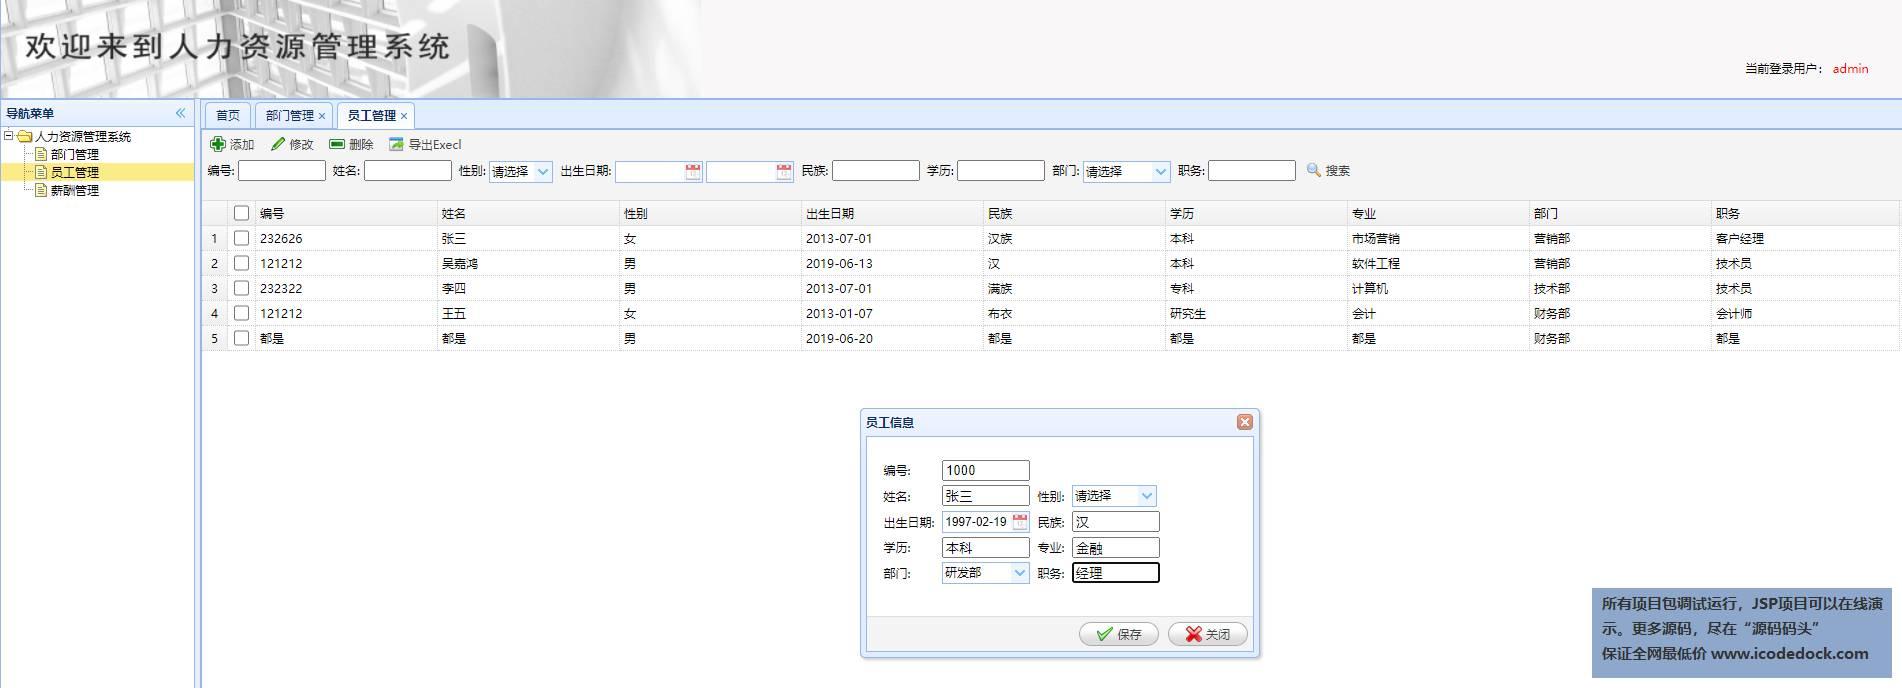 源码码头-JSP简单人事管理系统-管理员角色-新增员工